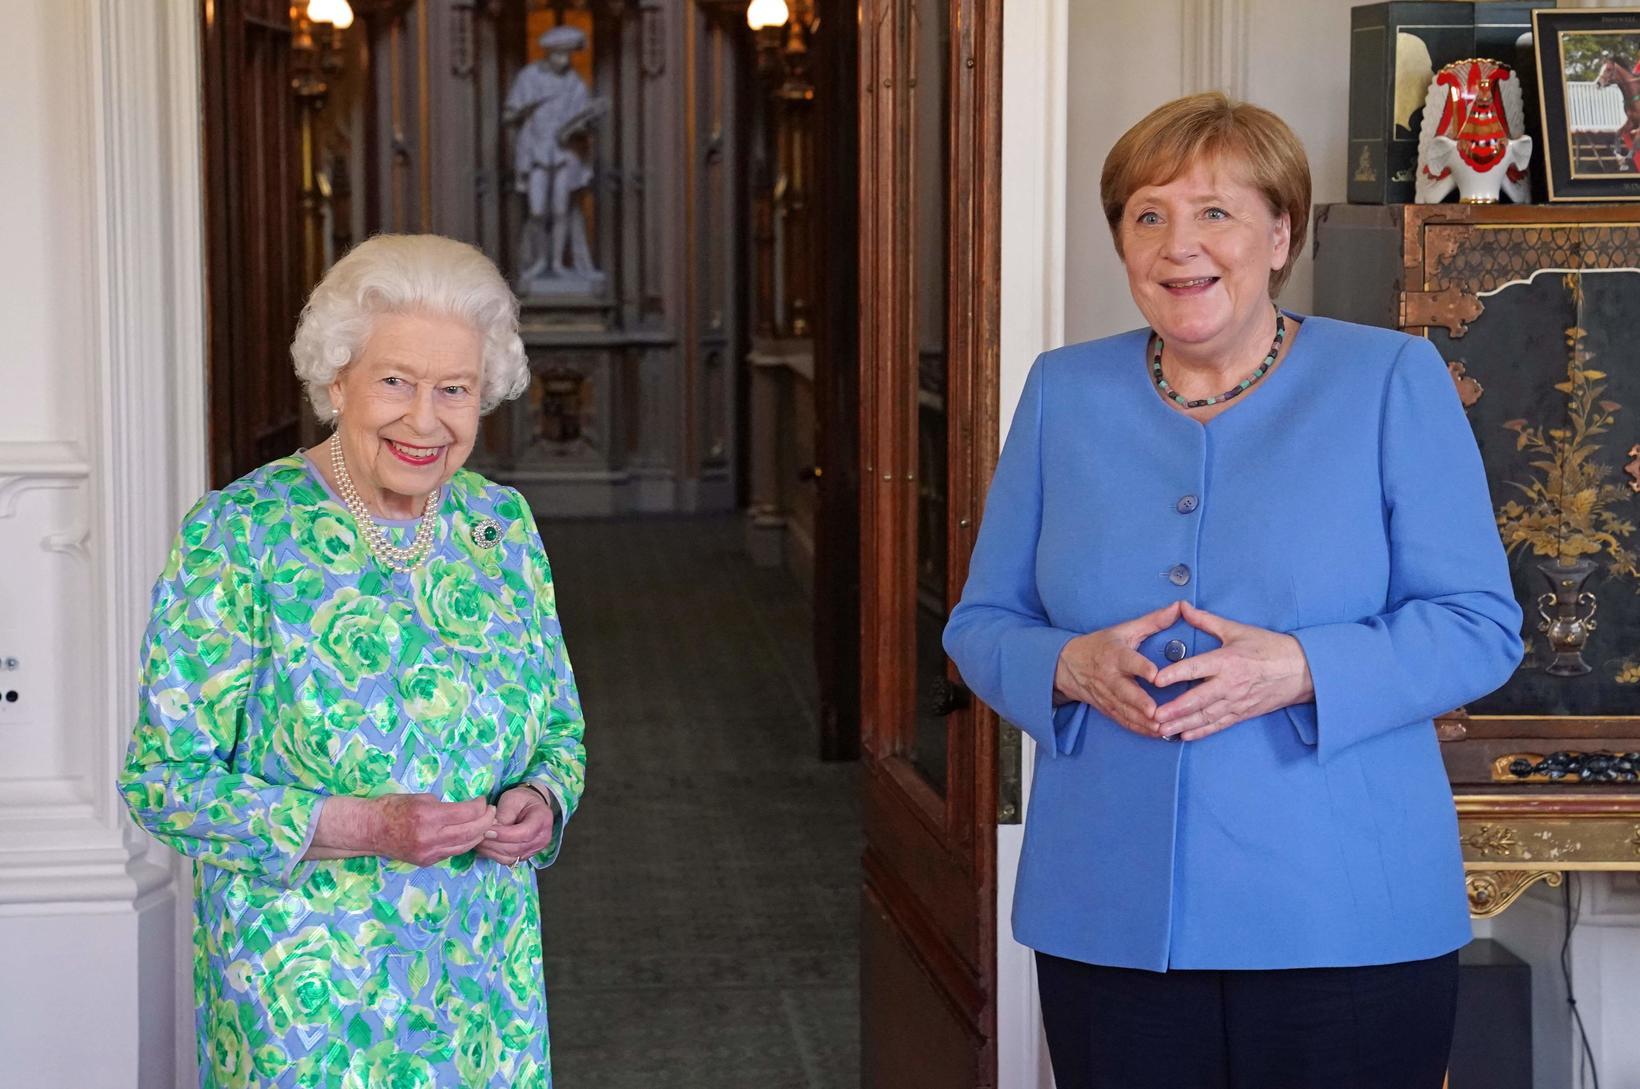 Merkel valdi einnig blátt þegar hún heimsótti Elísabet Englandsdrottningu.